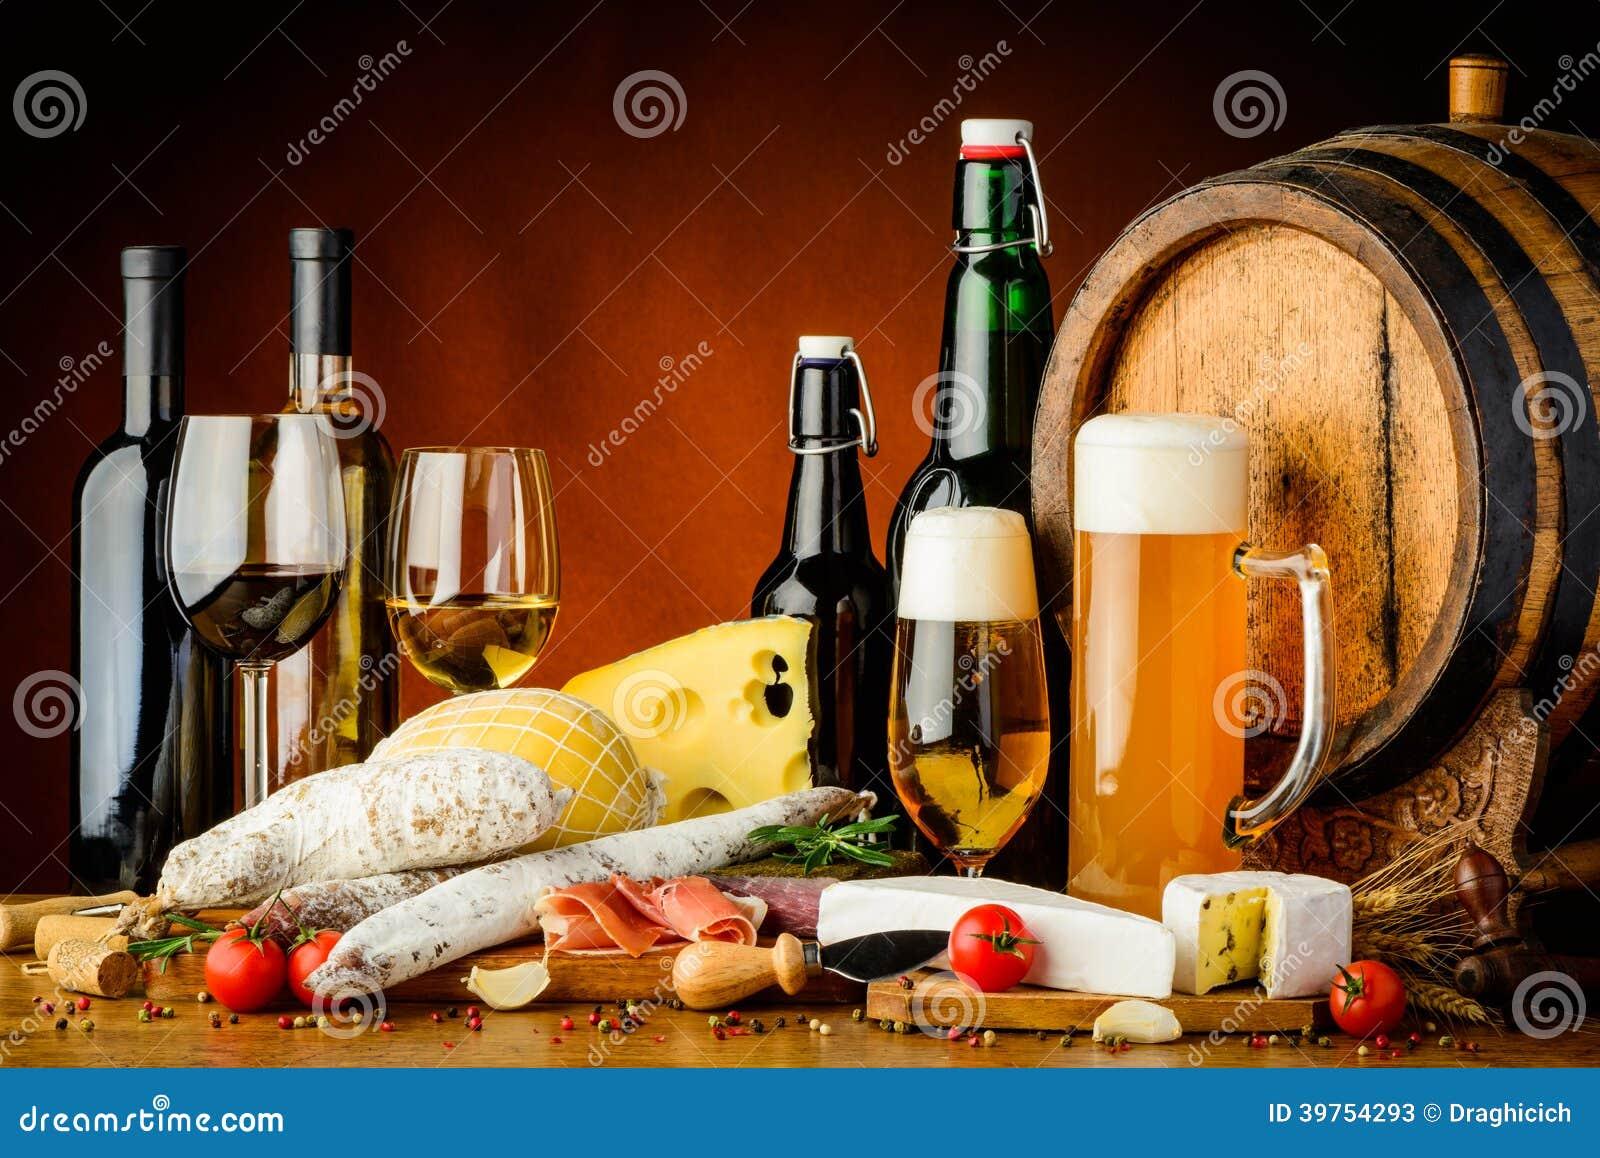 Wijn, bier en voedsel